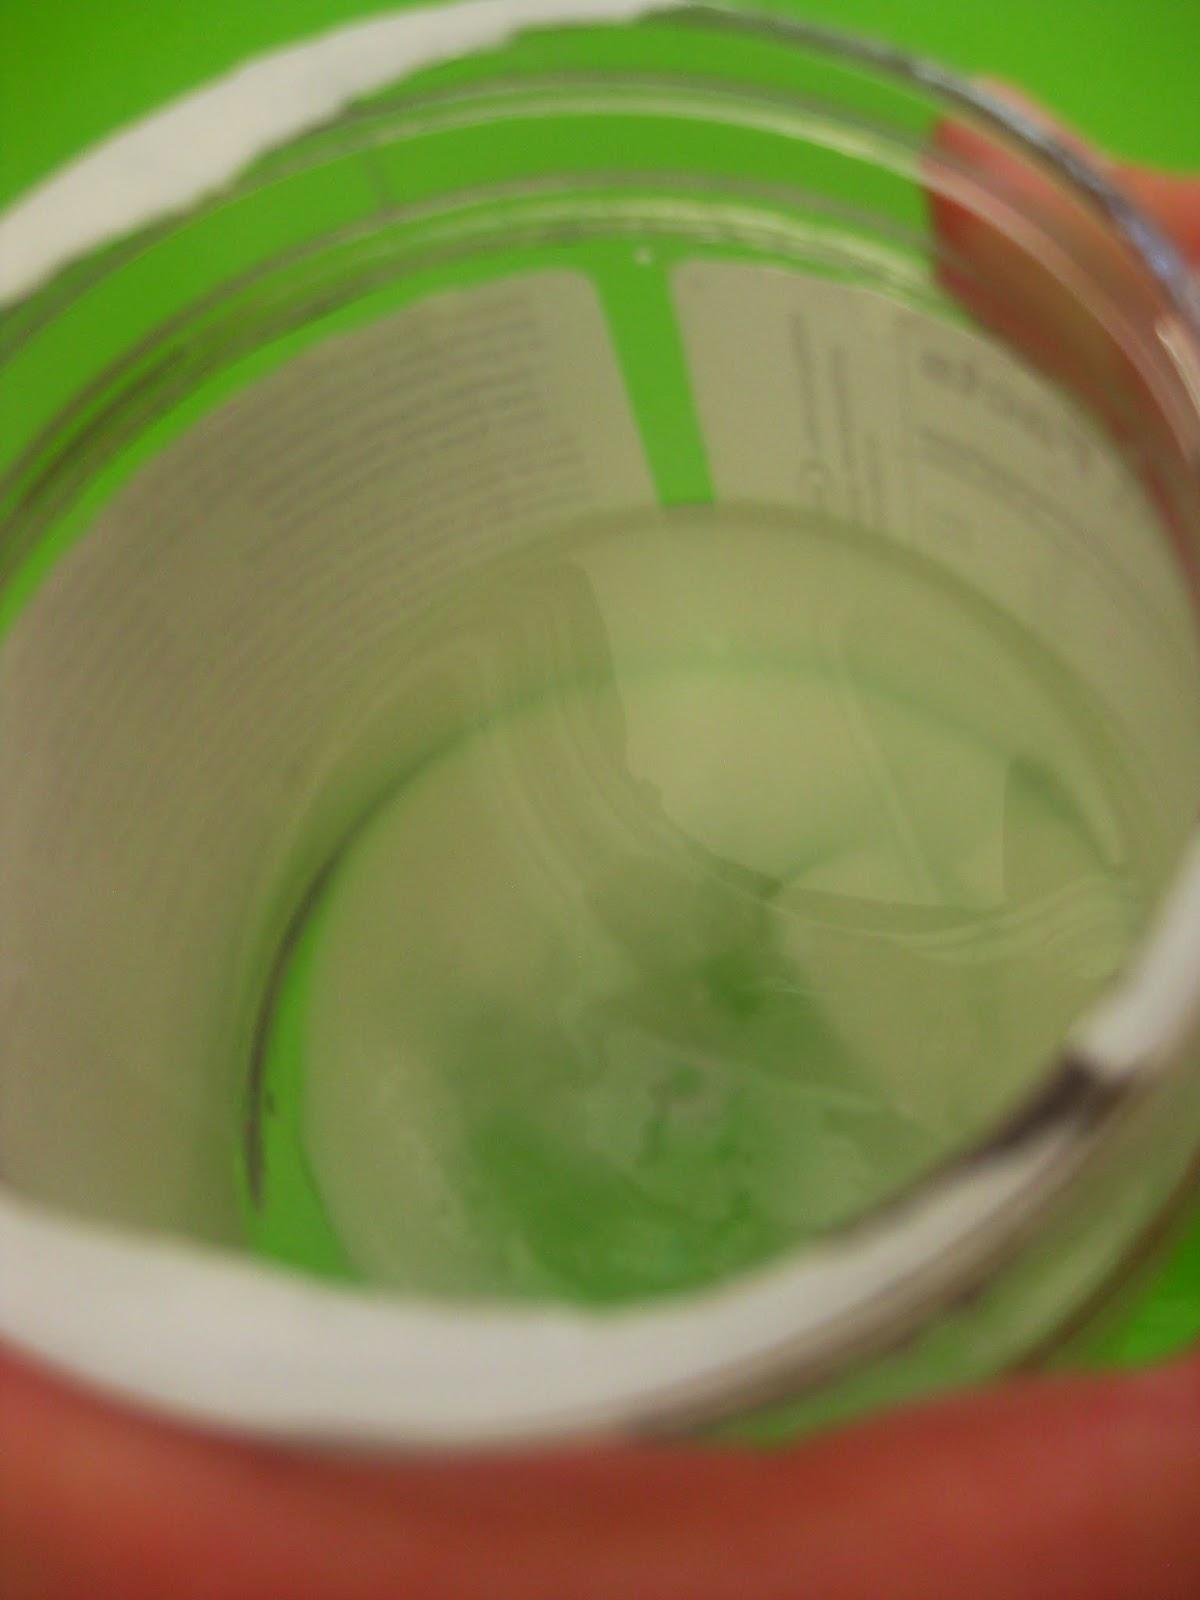 aceite-de-coco-desodorante